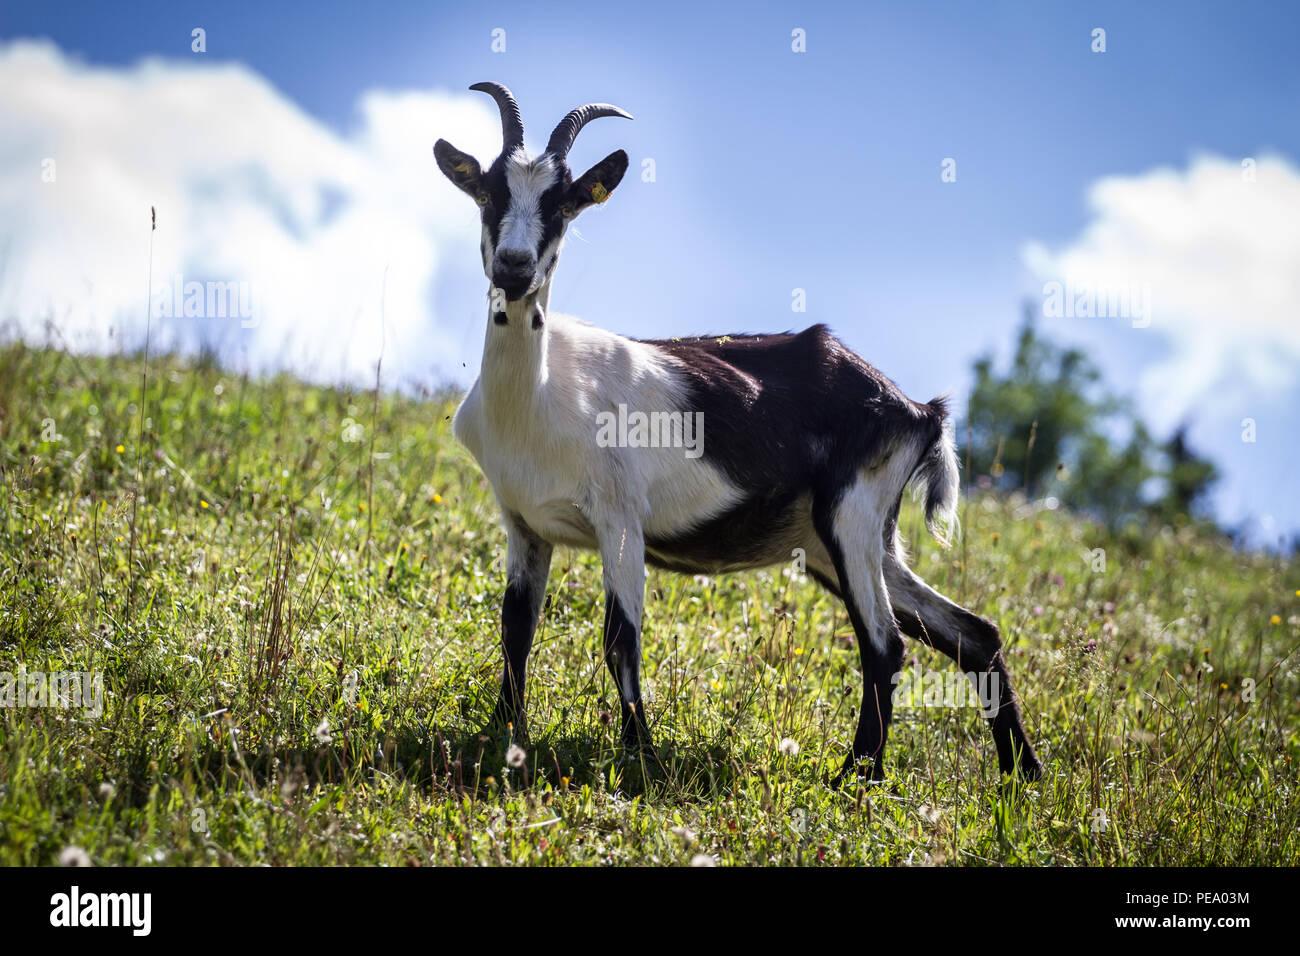 Peacock Goat,  Pfauenziege (Capra aegagrus hircus) - Stock Image